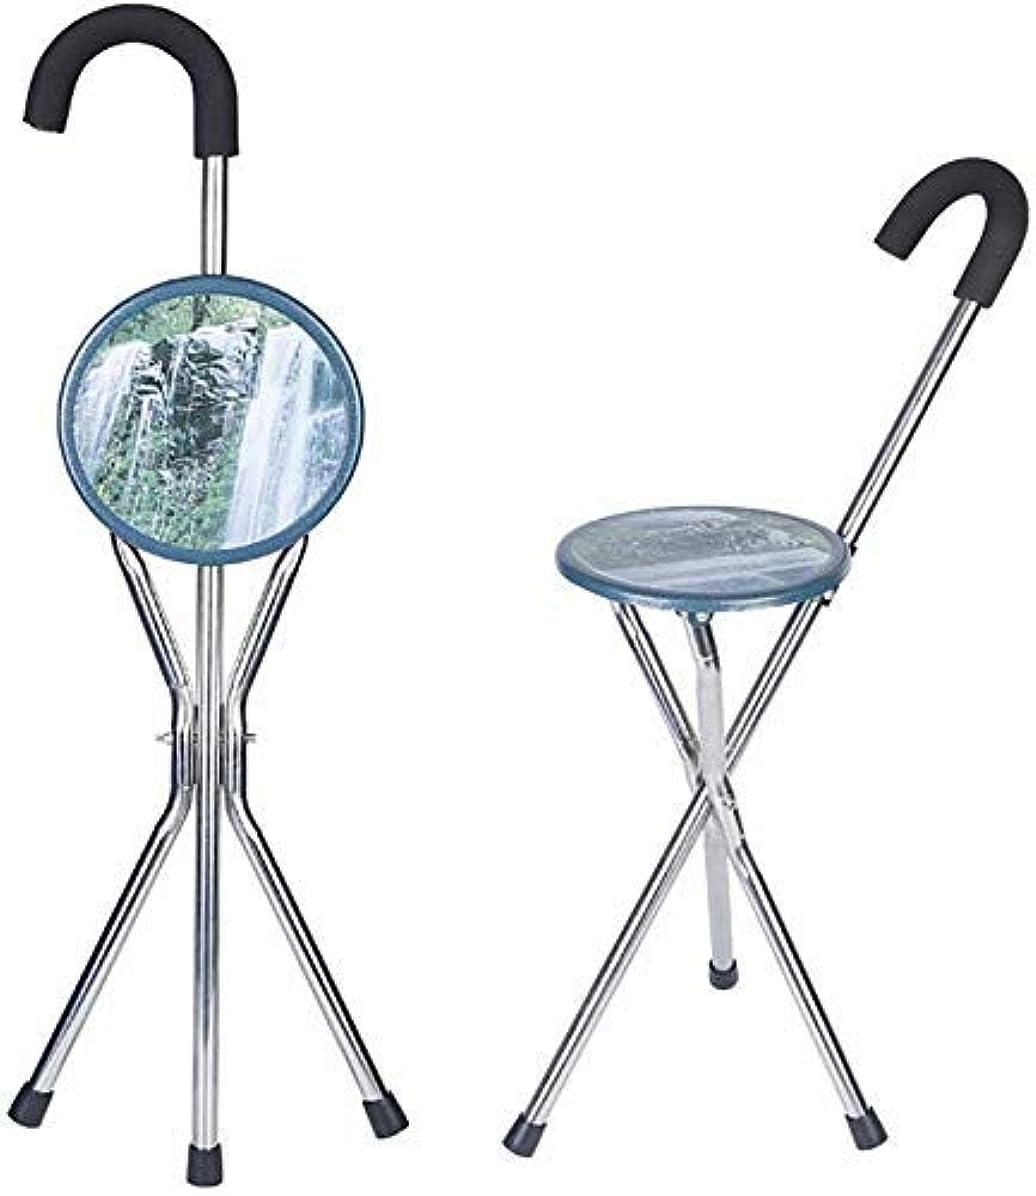 ダブル中毒縫い目Zxyan ステッキ 杖 介護用具 調節可能な松葉杖、ステッキ折りたたみ杖シートの高さ調節可能なアルミ合金杖スツール3脚 母の日 父の日 敬老の日 プレゼント